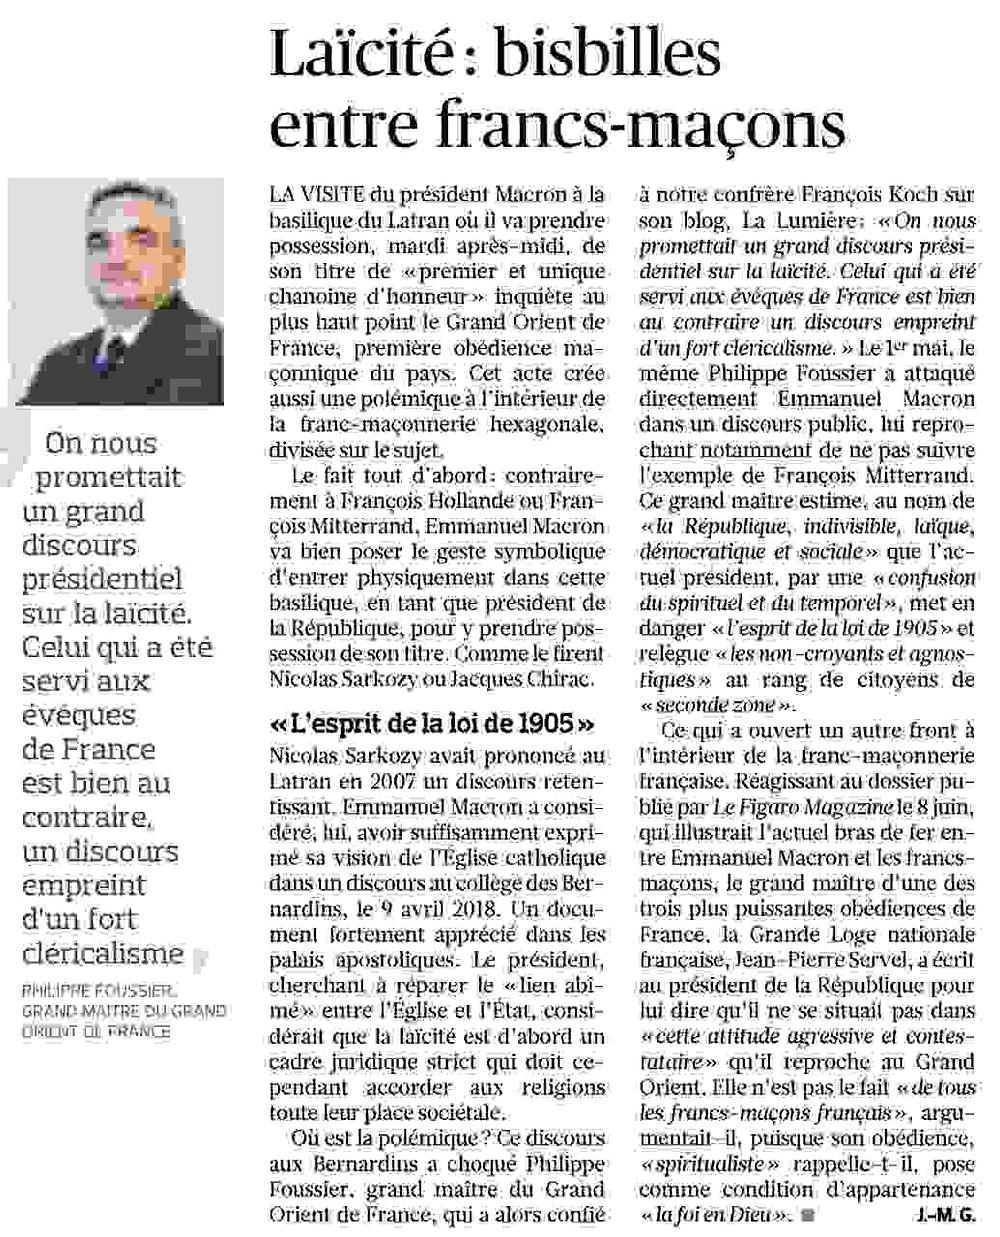 Dans Le Figaro de demain, un article intitulé «  Laïcité : bisbilles entre francs-maçons » qui revient sur les positions exprimées dernièrement par le Grand Maître du GODF